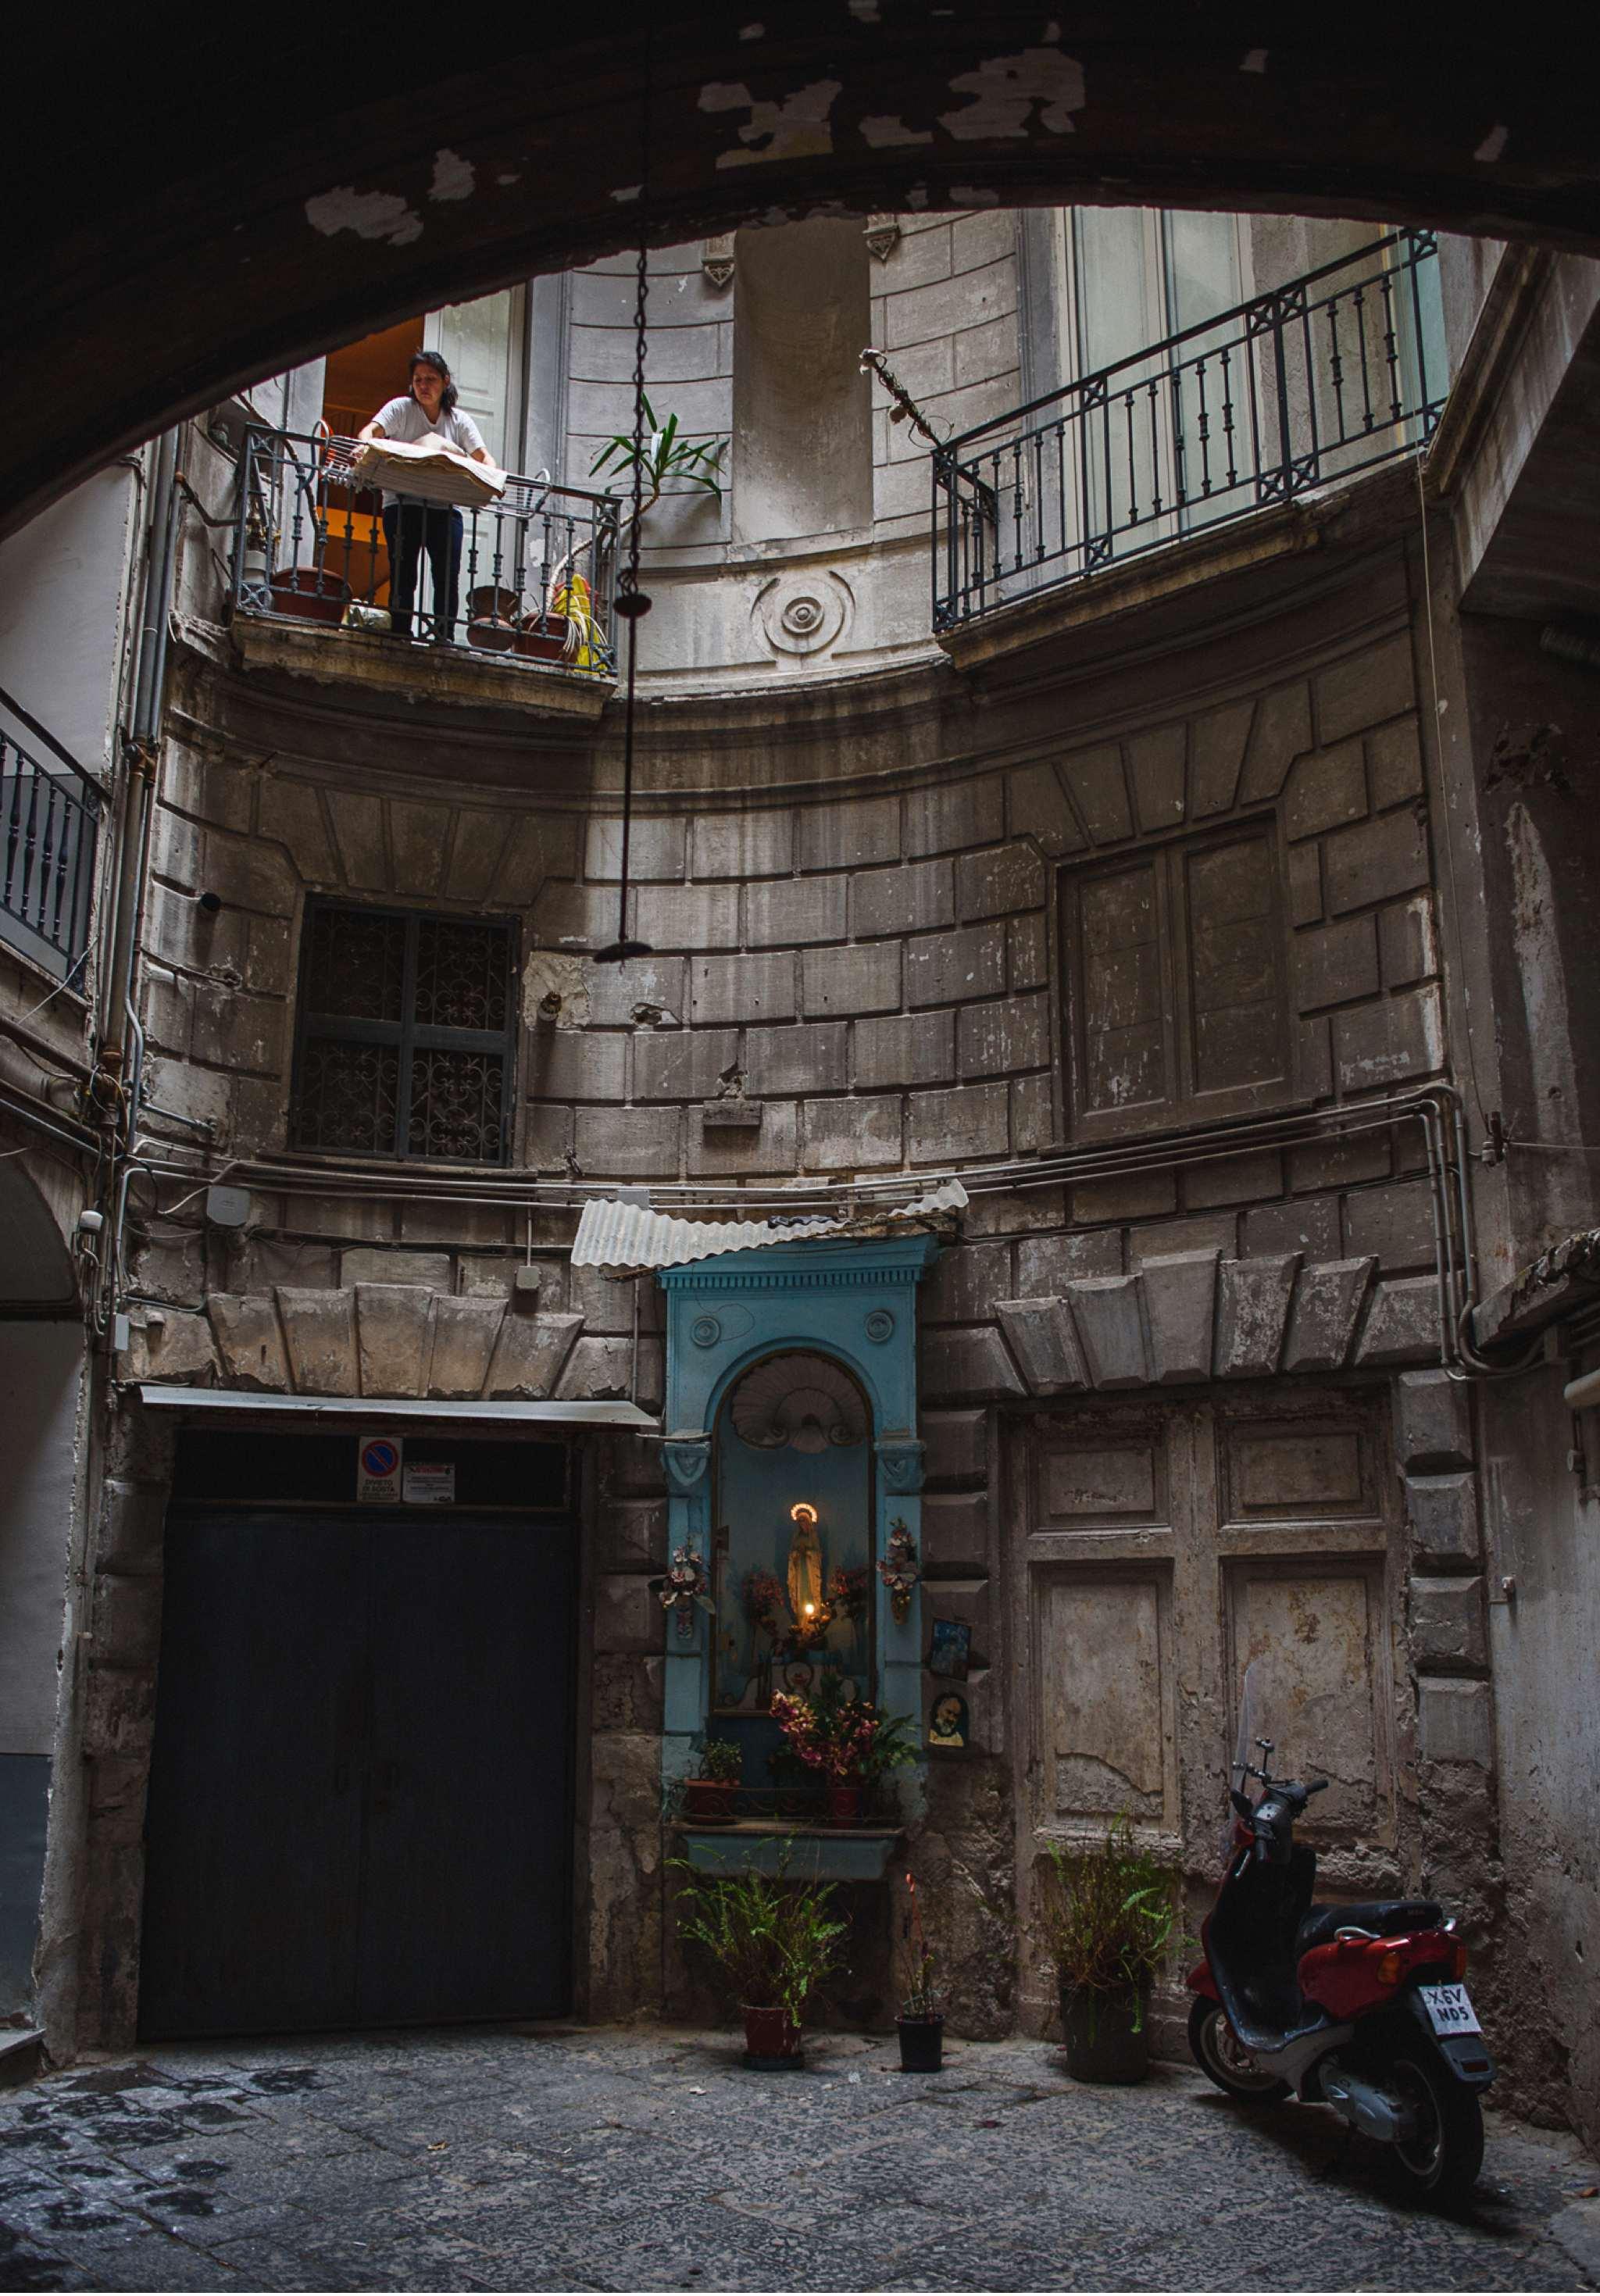 Interrail Reise - Italien Neapel - Geschichten von unterwegs - Foto Daniel Kempf-Seifried-95